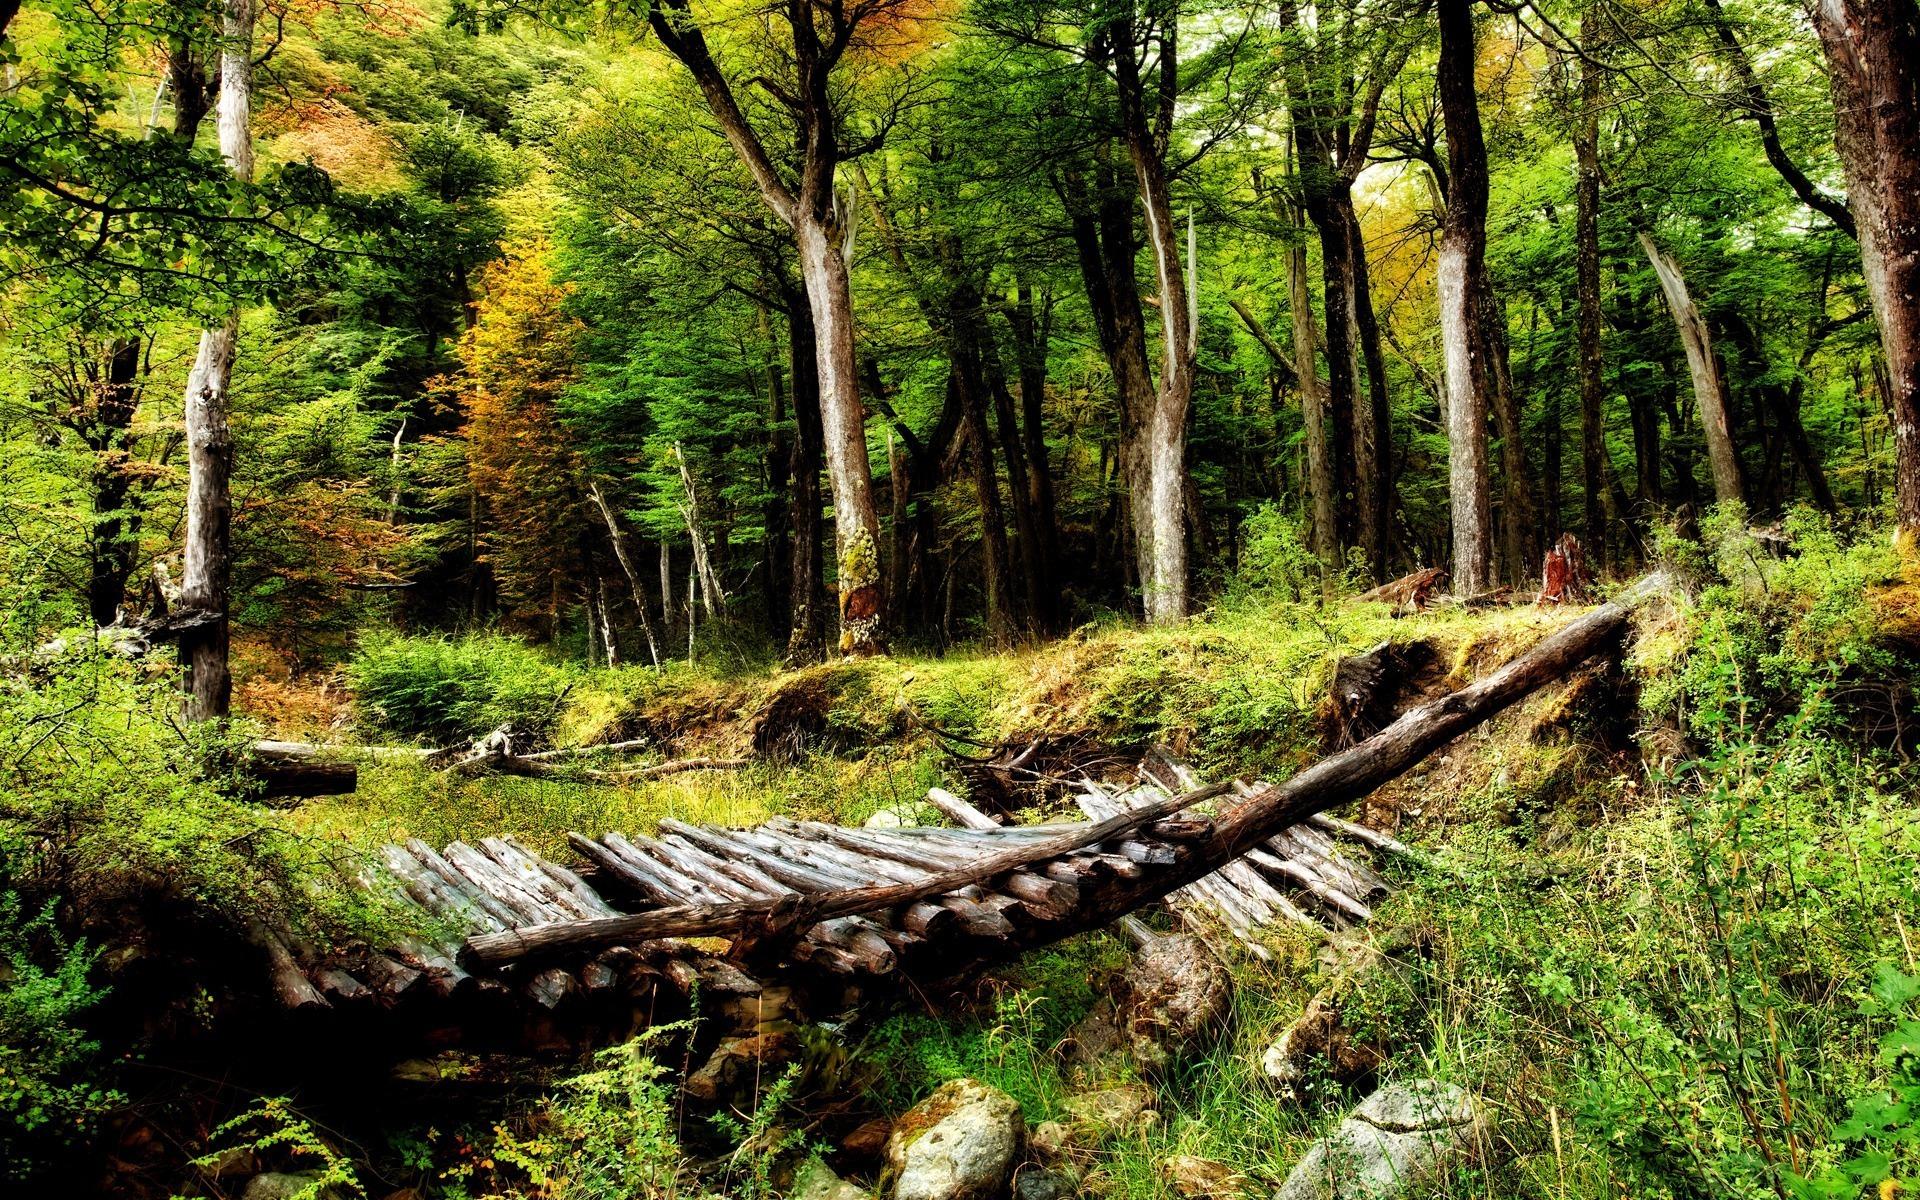 Мост через речку в ущелье  № 2239328 загрузить